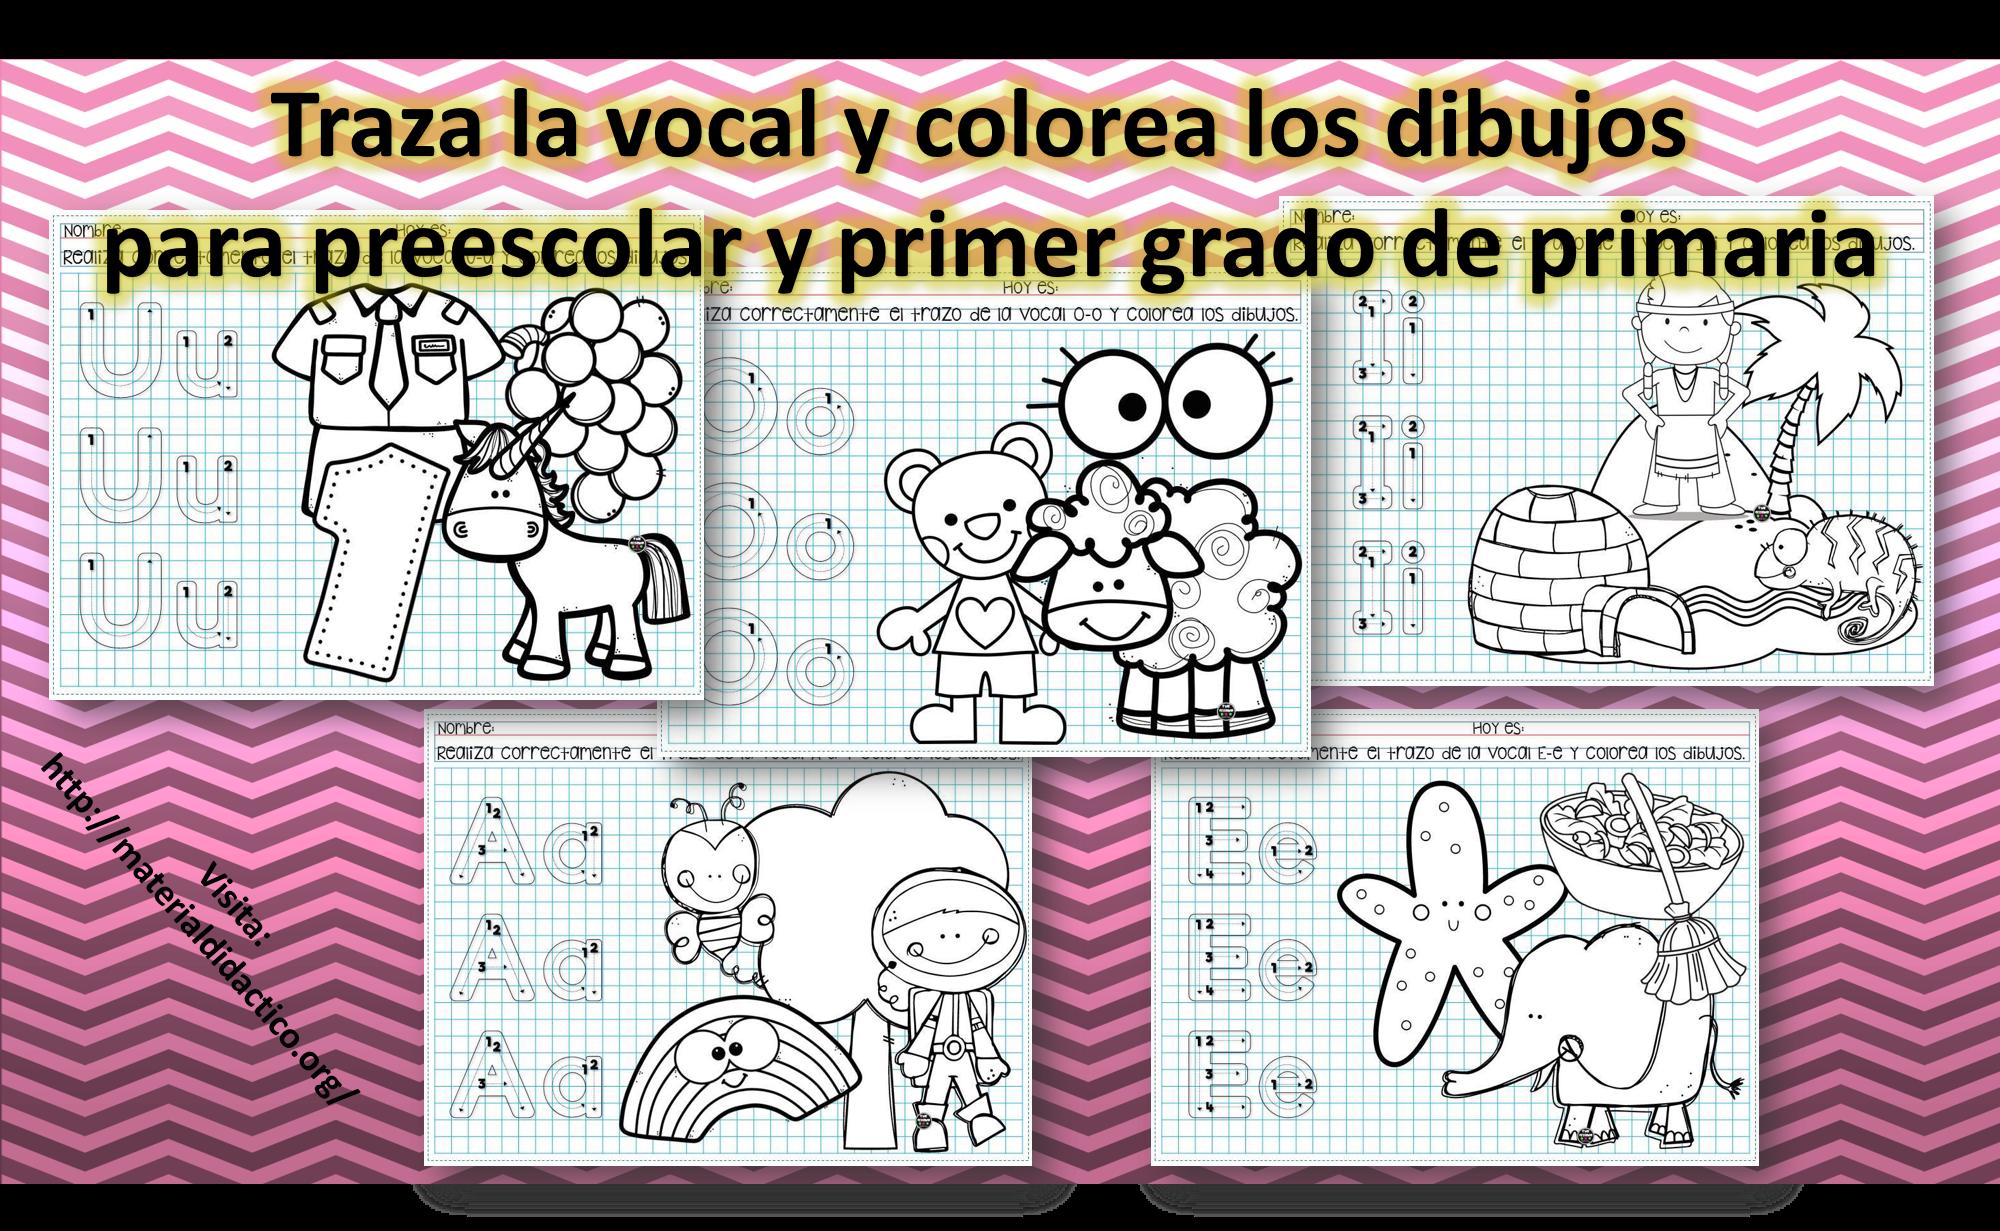 Traza La Vocal Y Colorea Los Dibujos Para Preescolar Y Primer Grado